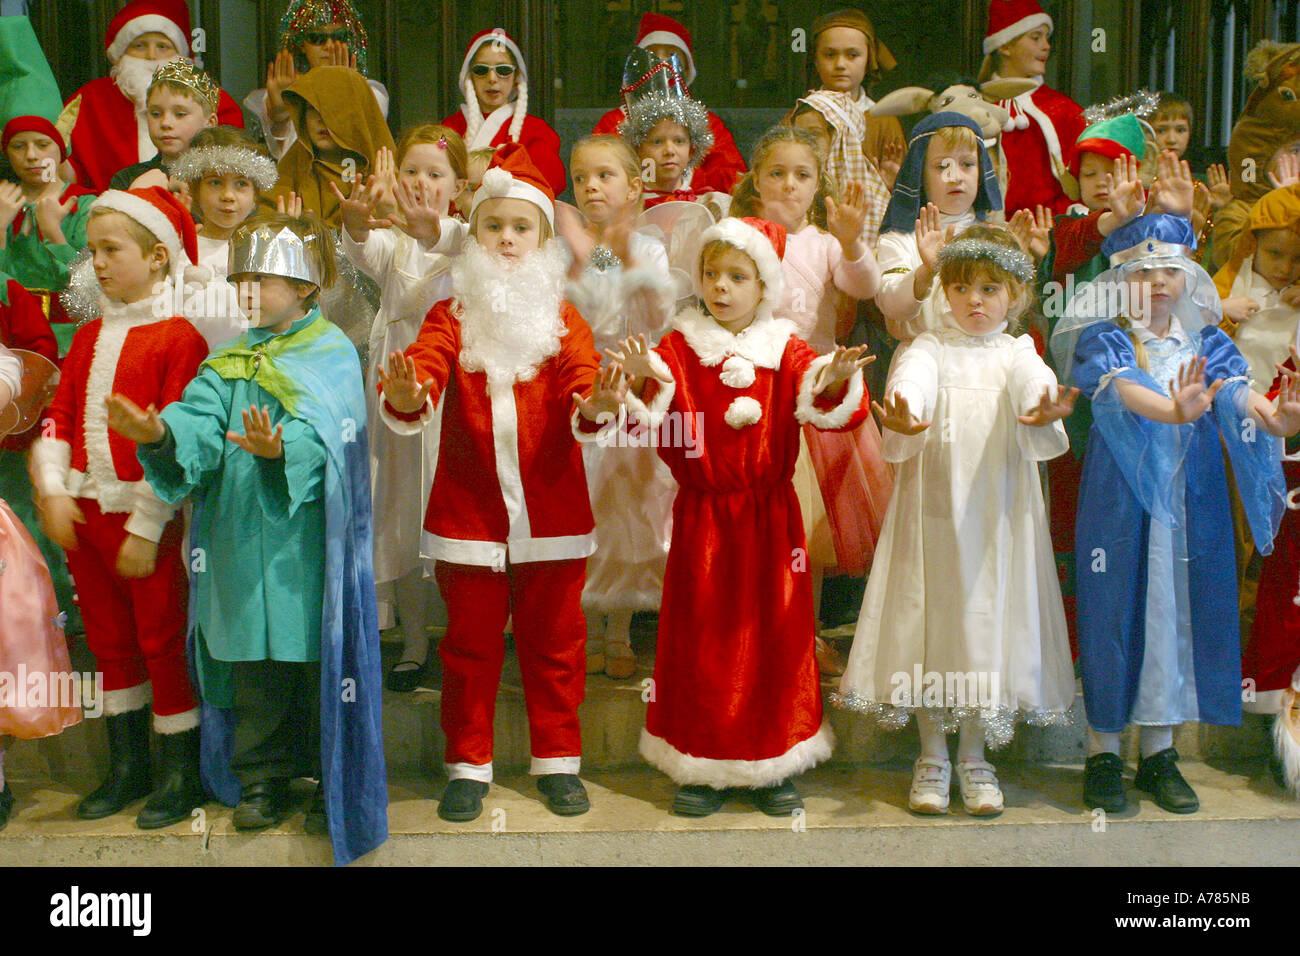 Grundschule Weihnachtsfeier mit Kindern verkleidet und singen ...